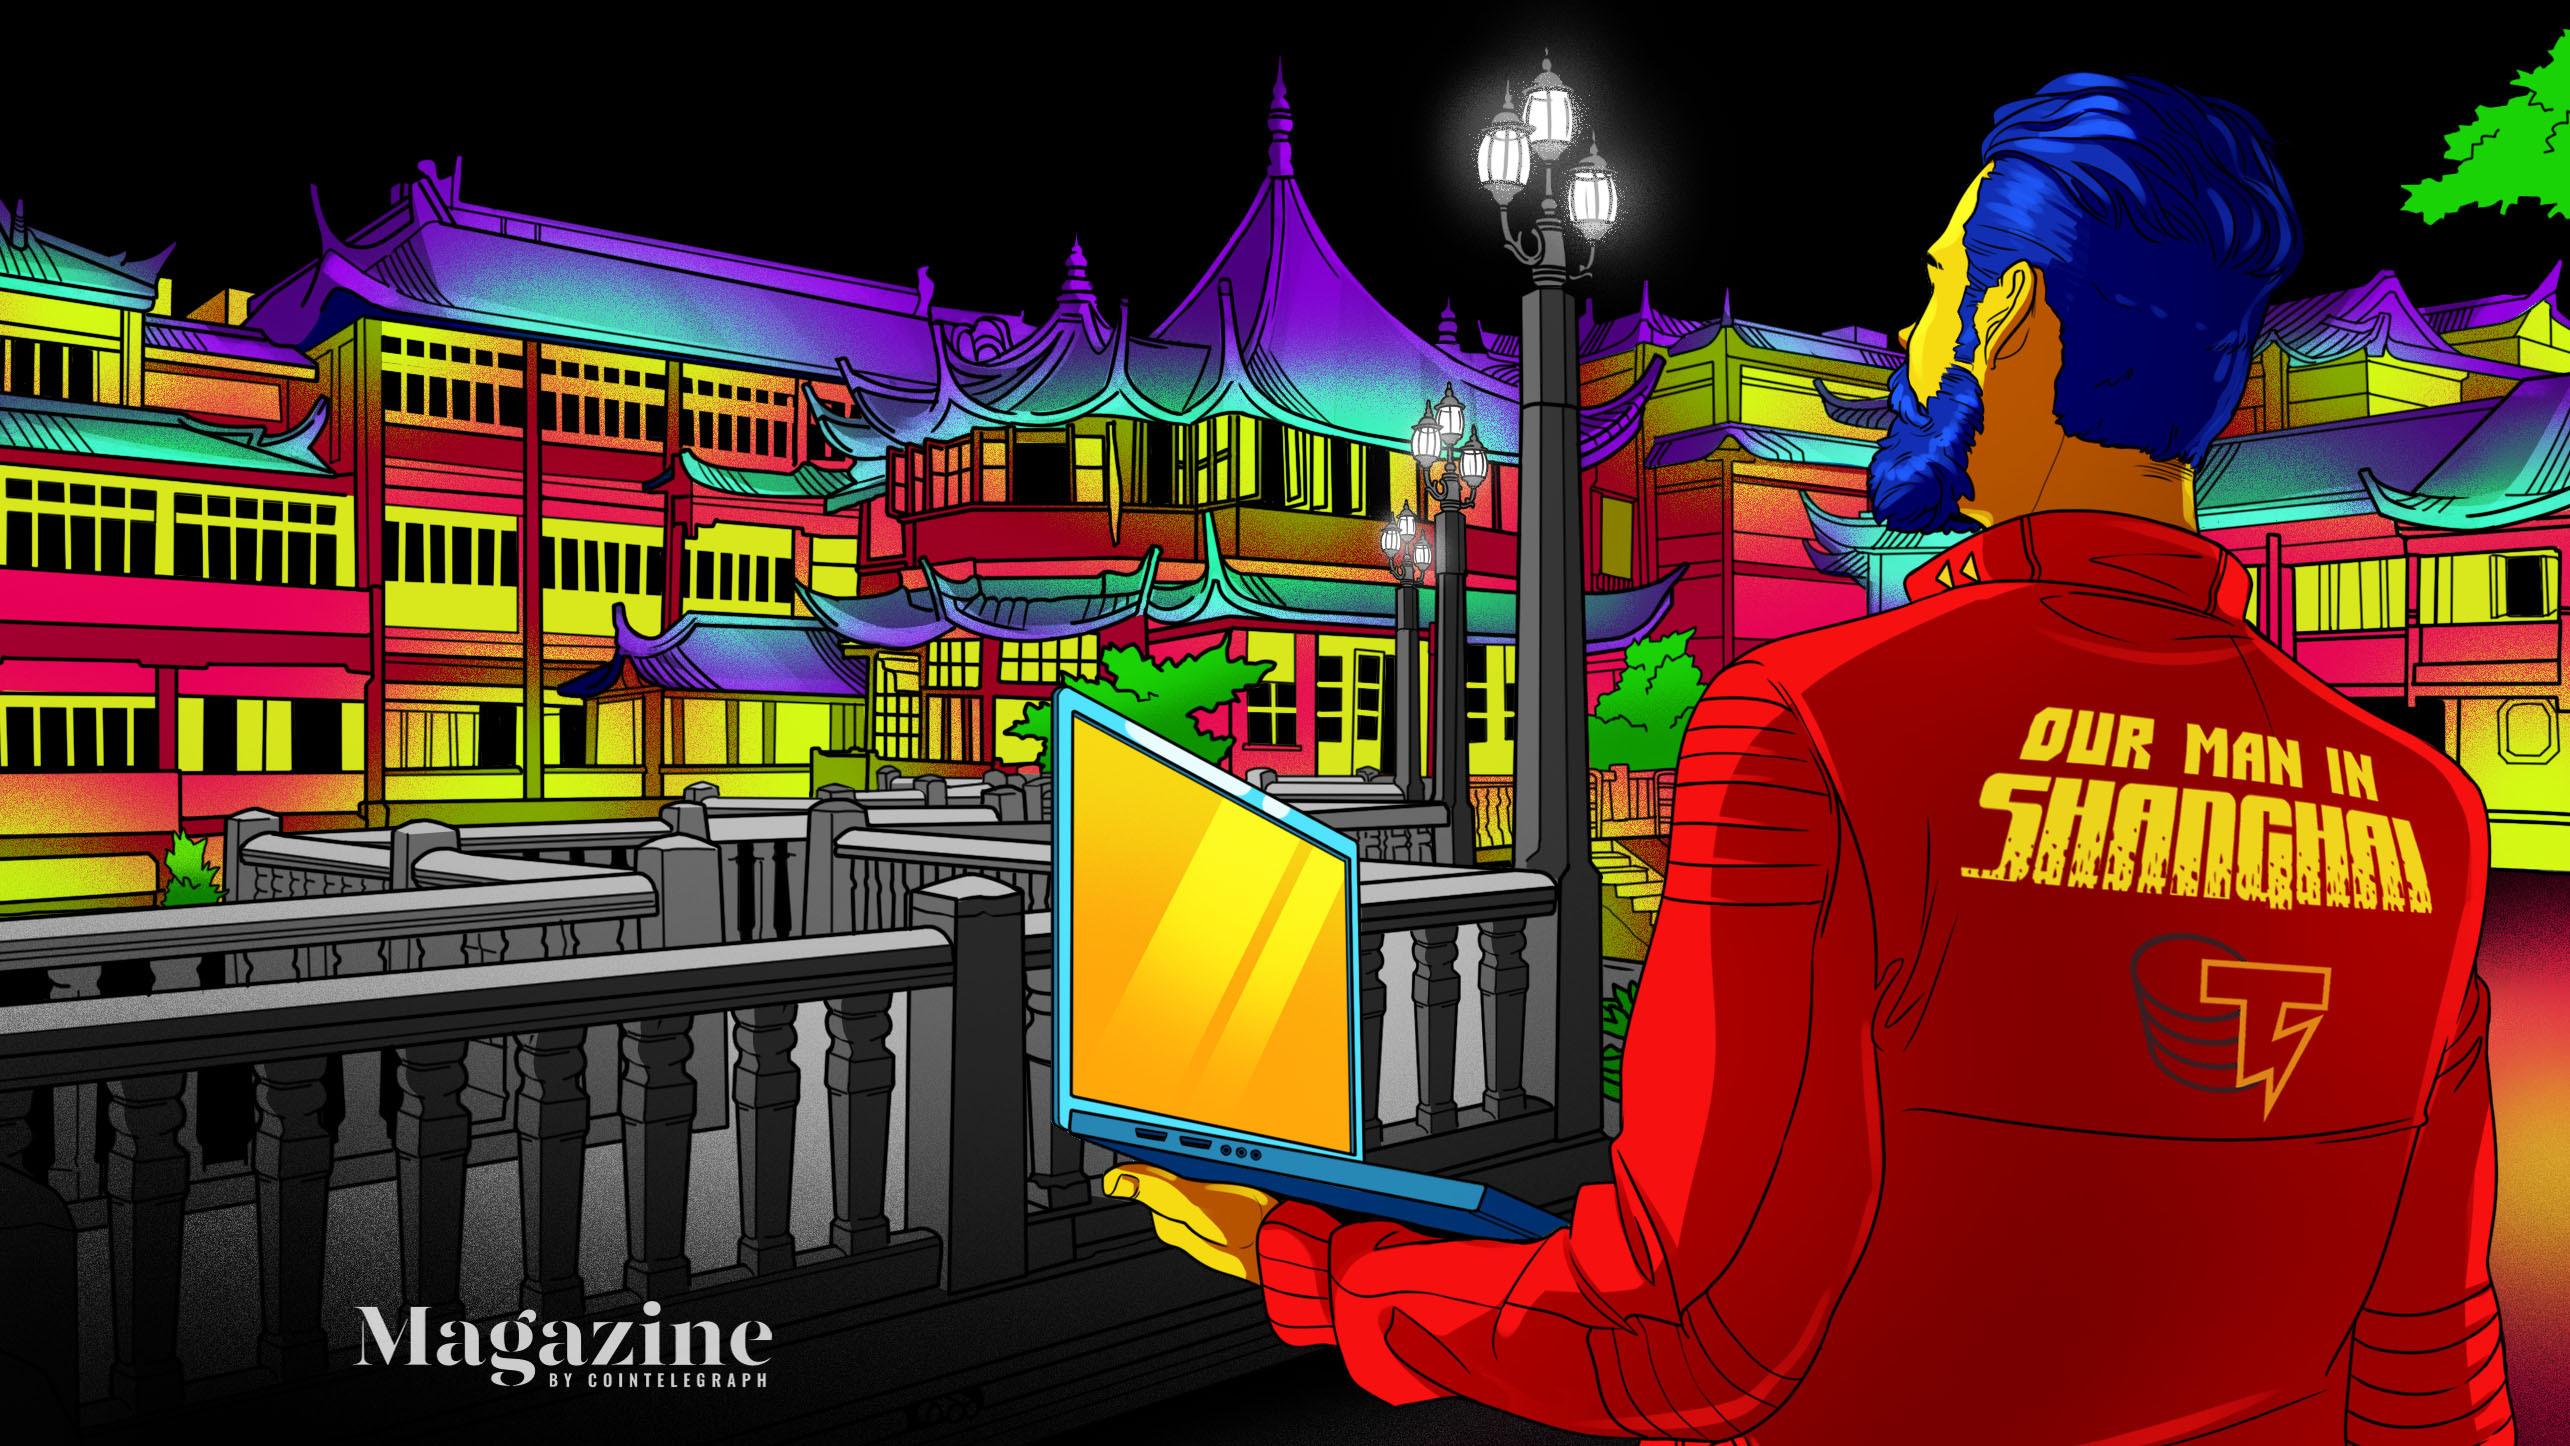 MAG-our-man-in-shanghai-6.jpg